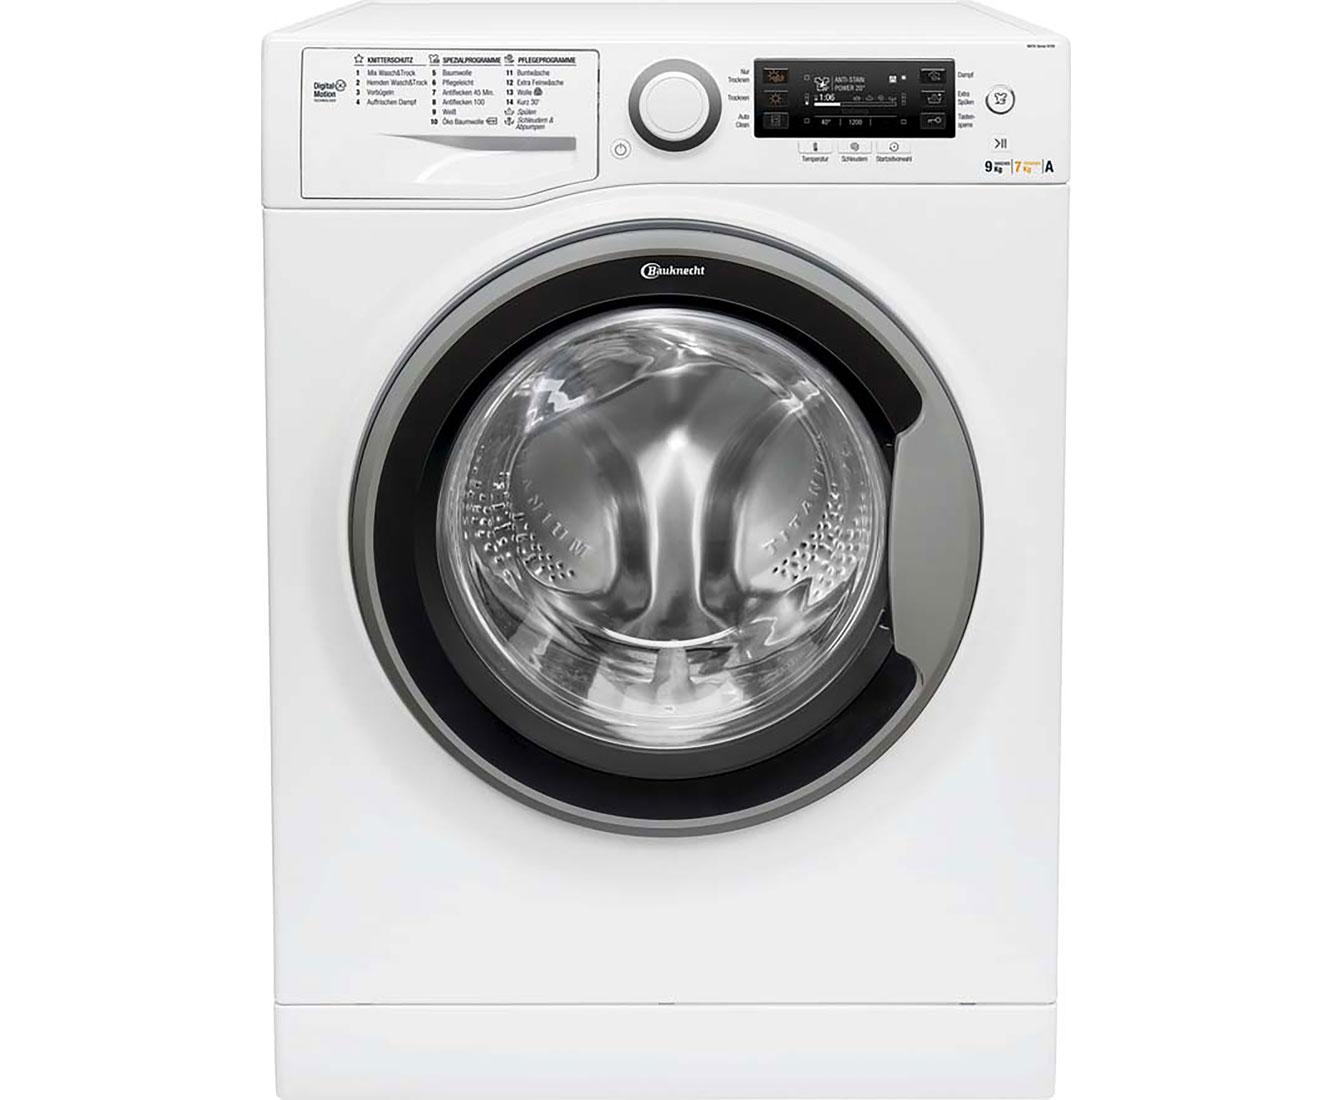 Ao] bauknecht watk sense 97d6 eu waschtrockner für 609u20ac inkl